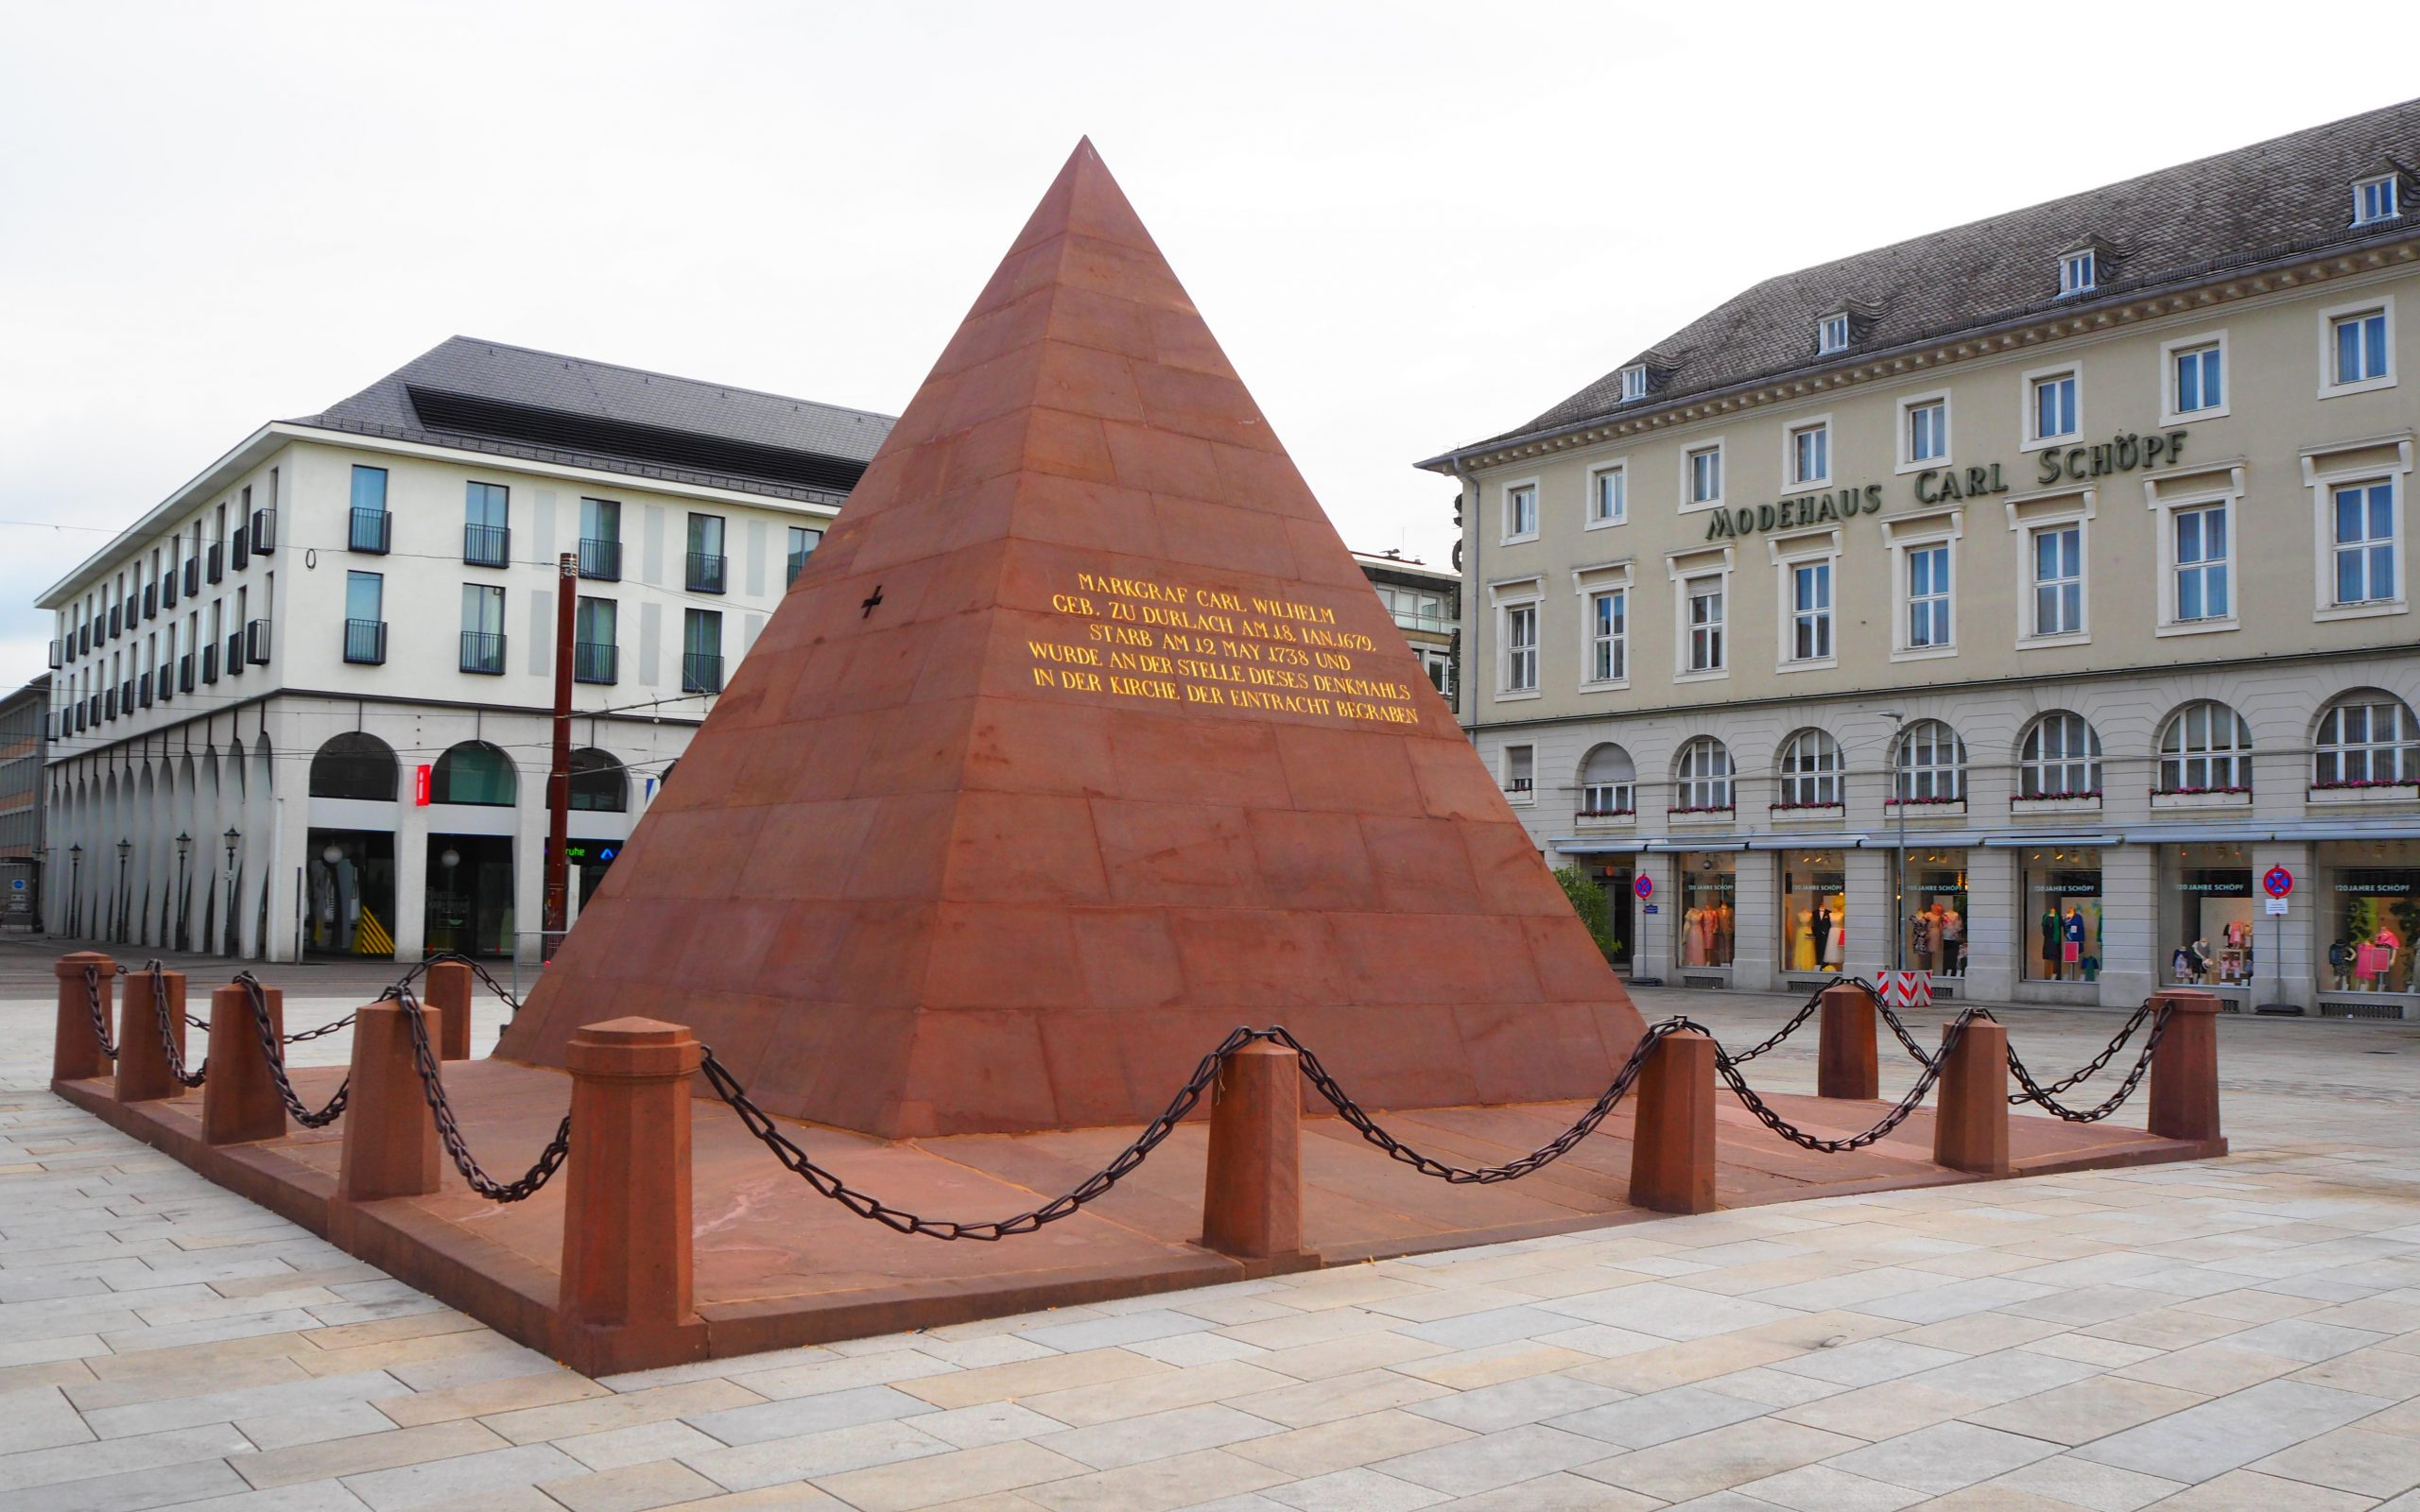 Karlsruhe Pyramid